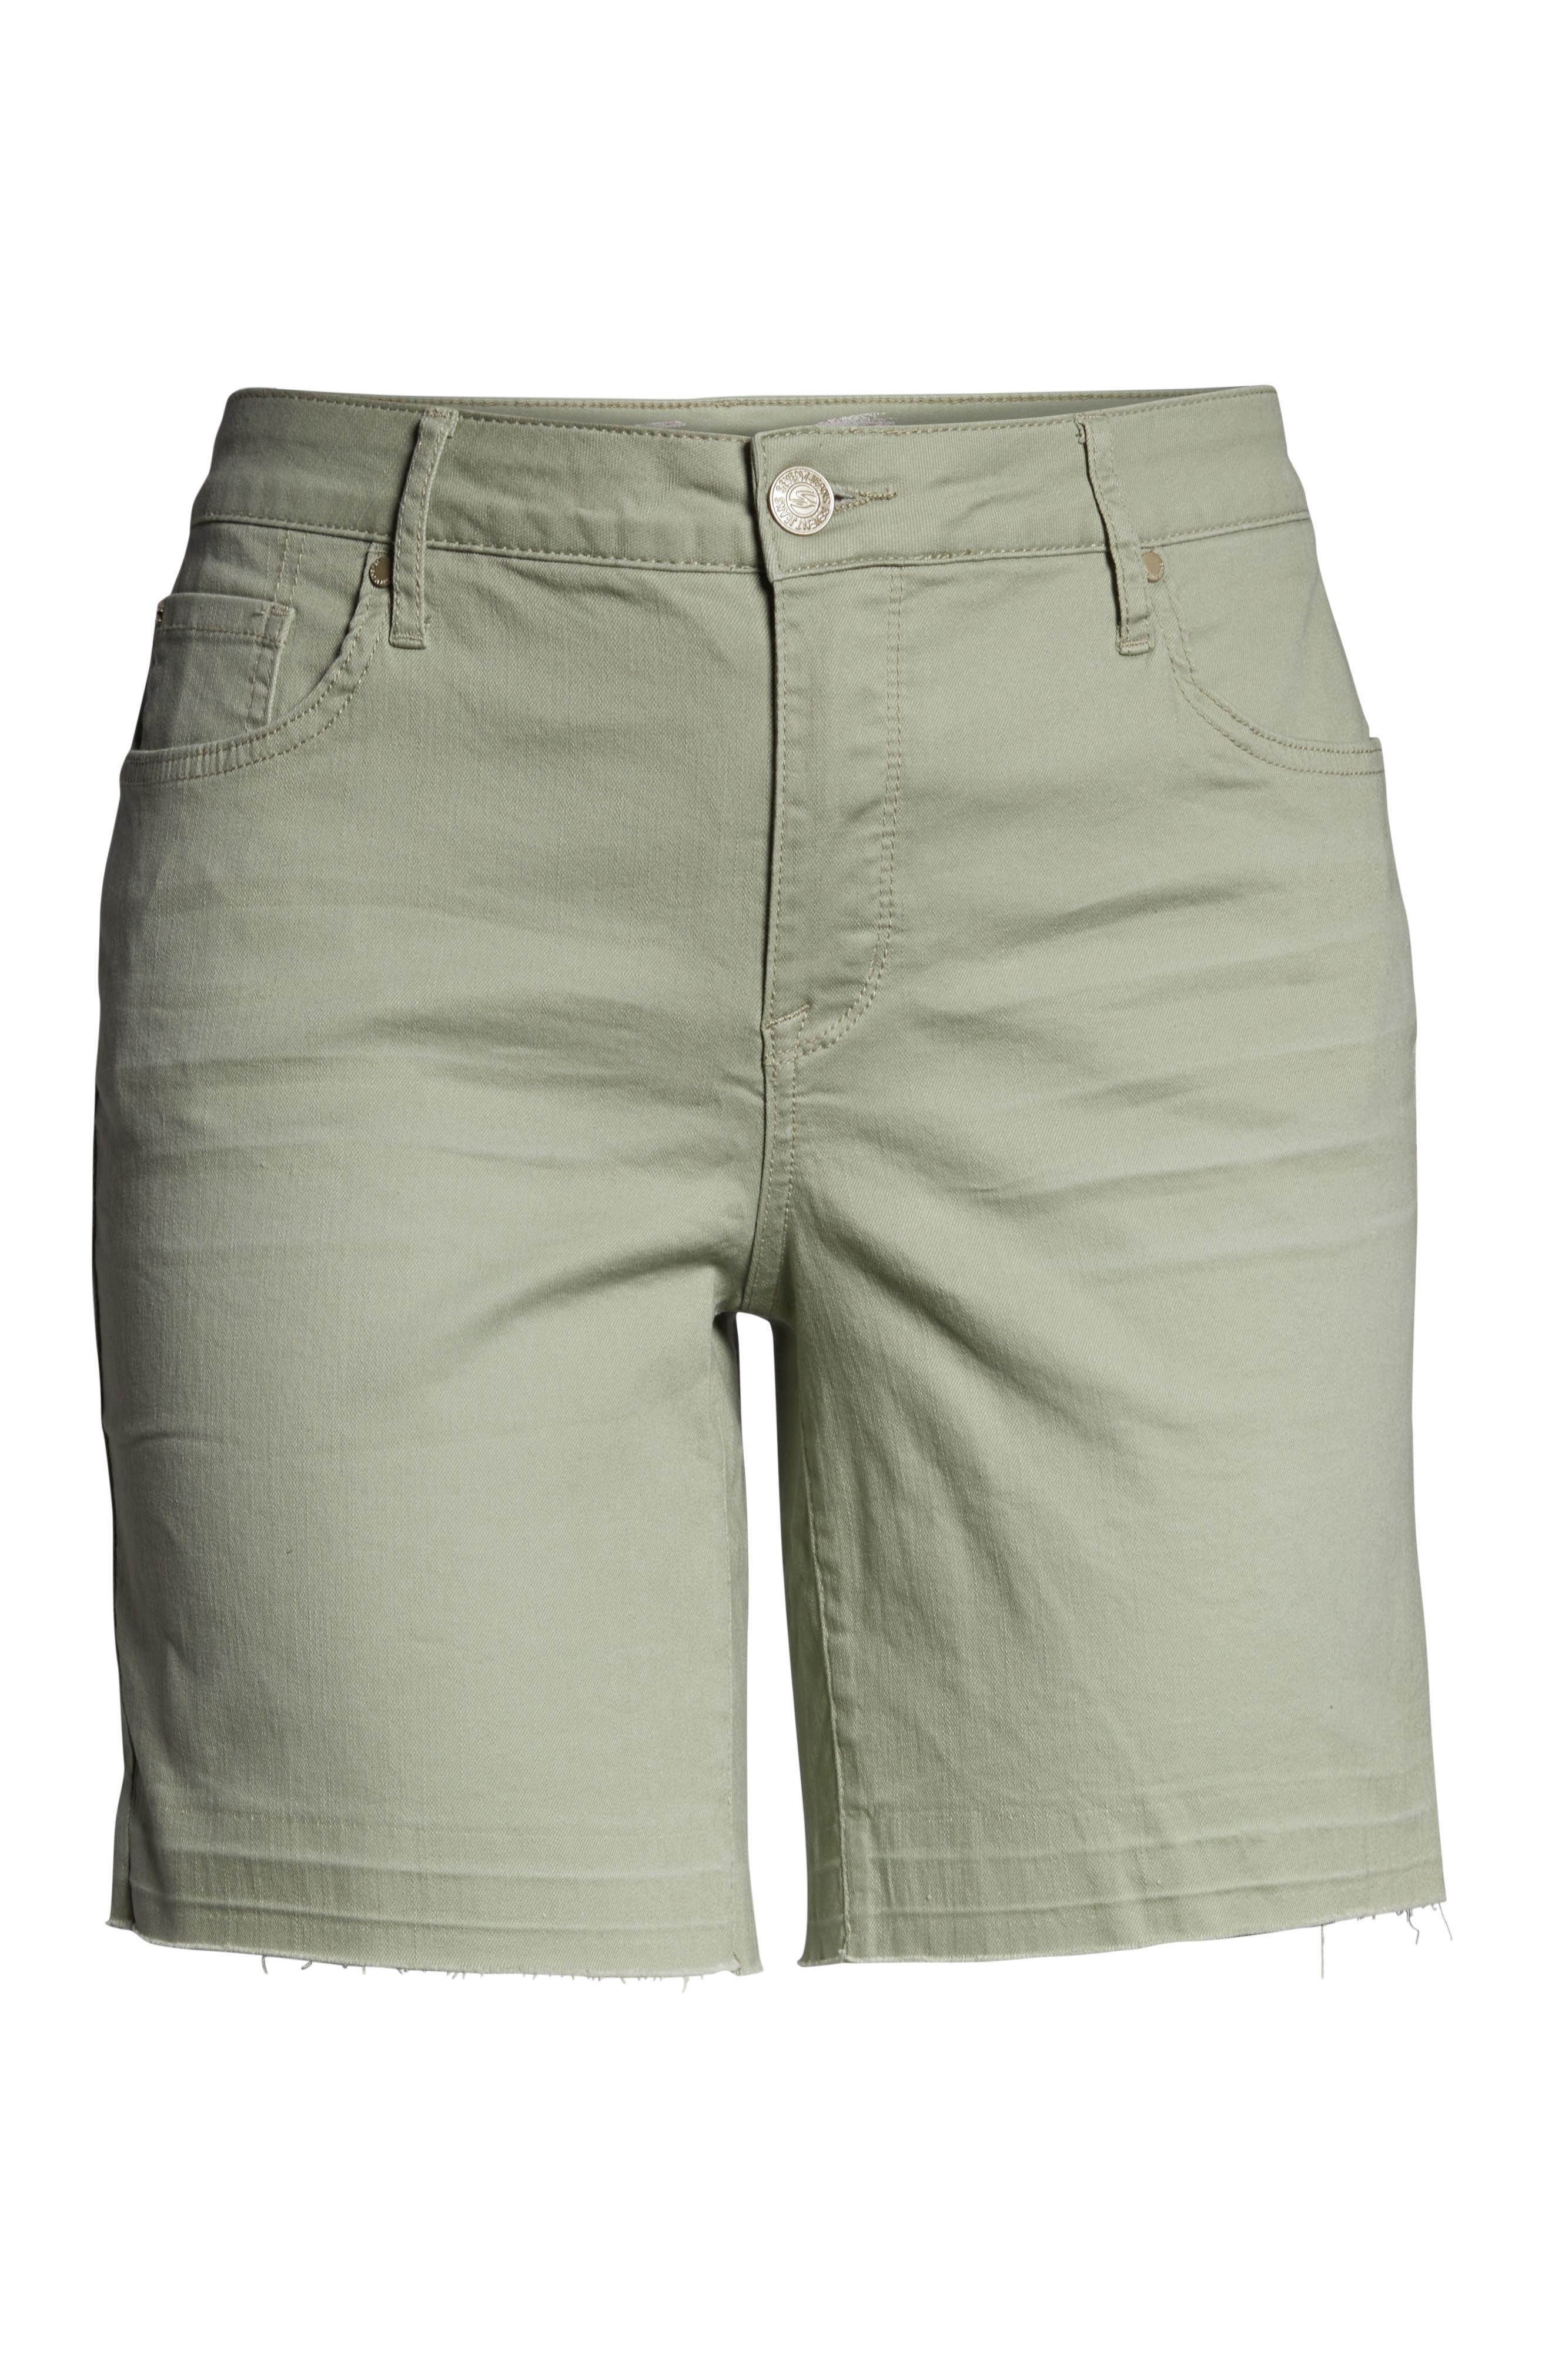 SEVEN7,                             Weekend Bermuda Shorts,                             Alternate thumbnail 7, color,                             SLATE GRAY